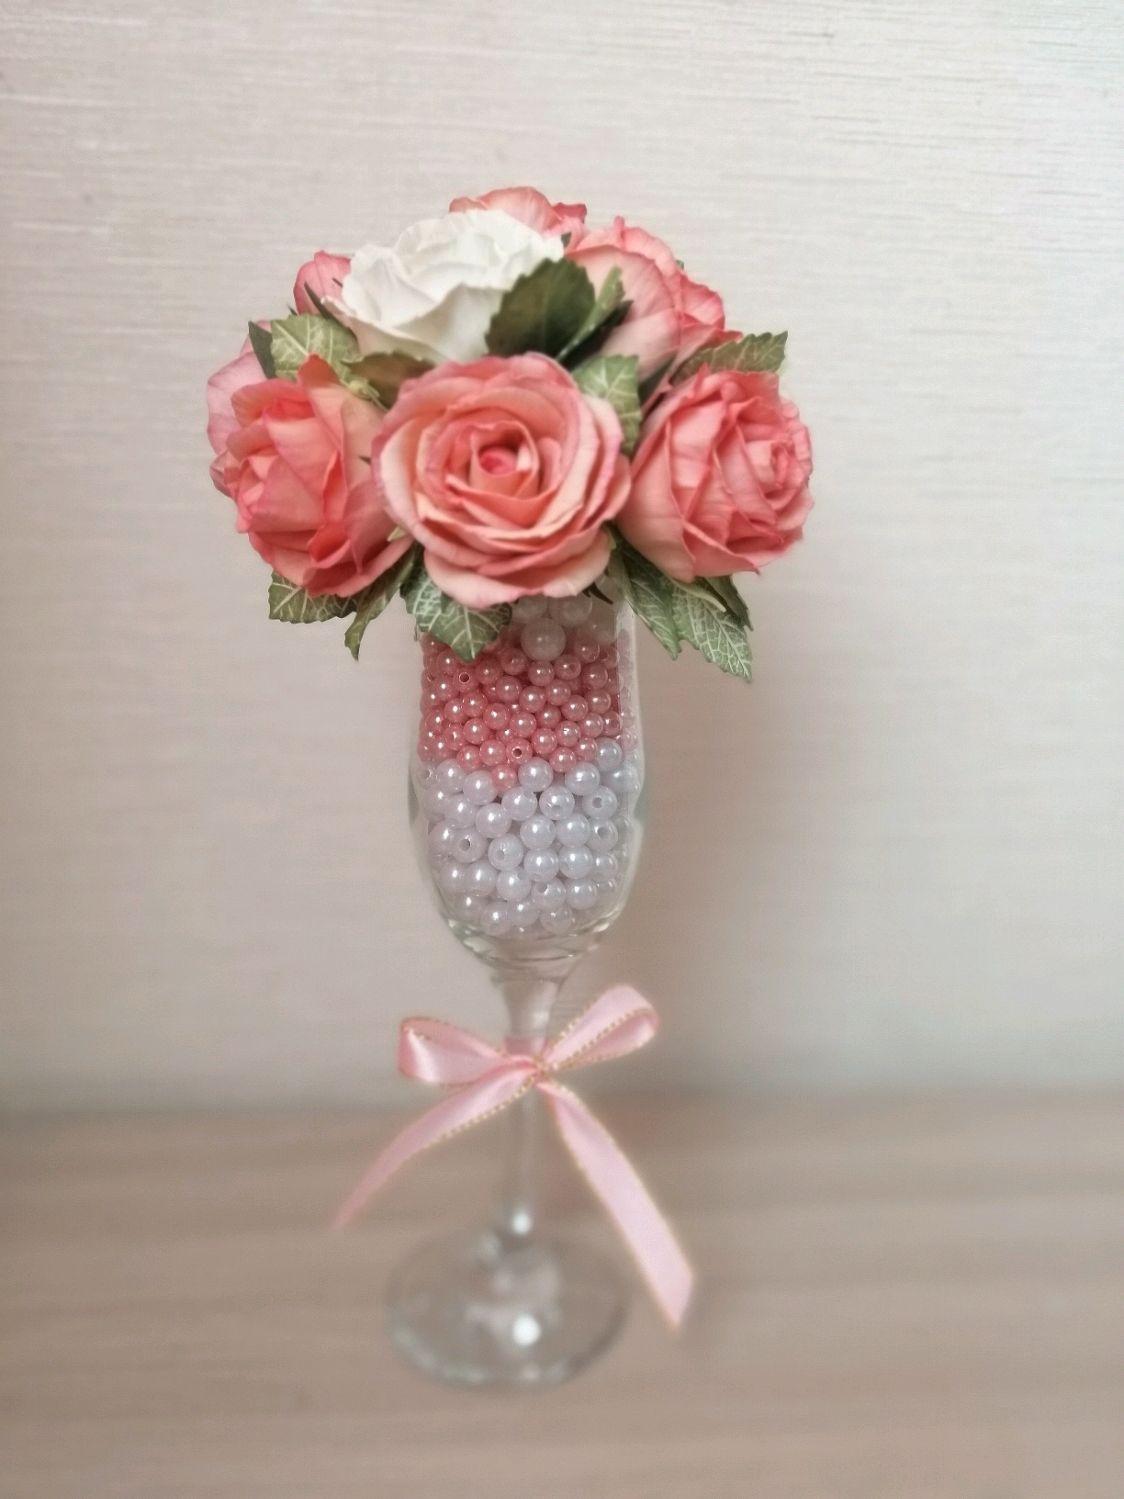 """Броши ручной работы. Ярмарка Мастеров - ручная работа. Купить Цветочная композиция с розами из фоамирана """"Нежность"""". Handmade."""